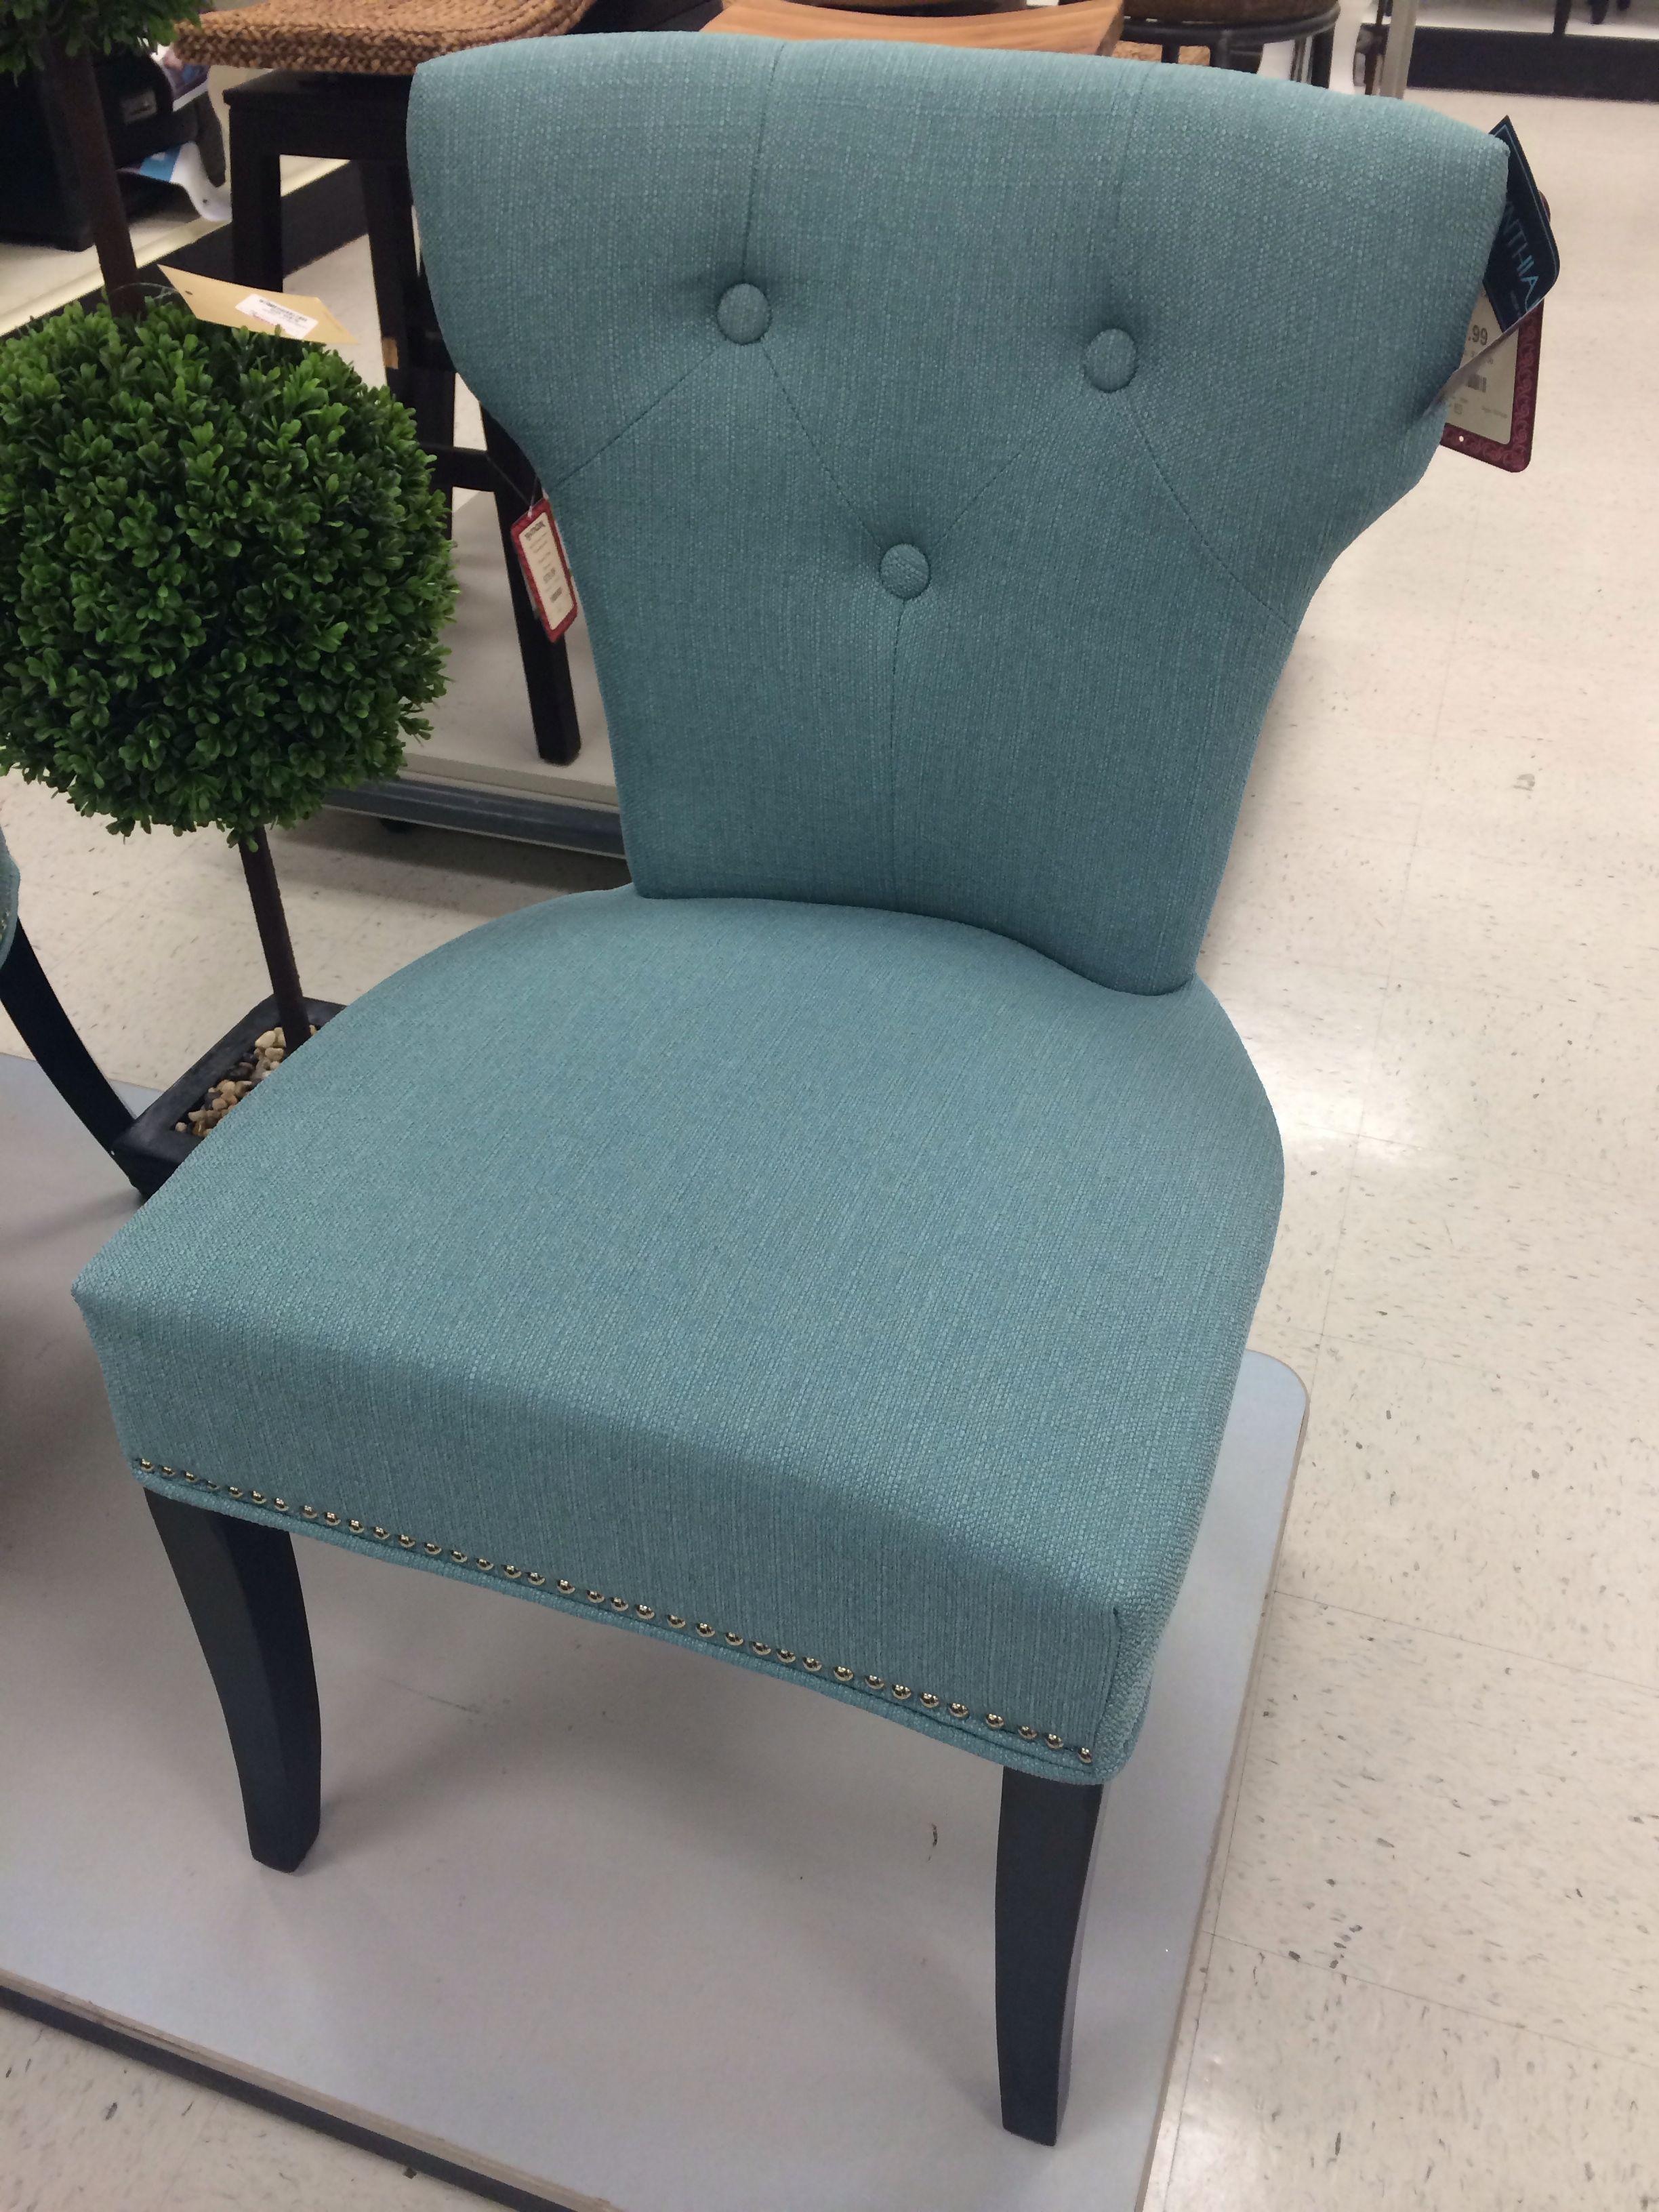 Tj Maxx Chairs Lawn Chair Recliner Blue Tjmaxx Decorating 101 Pinterest Furniture